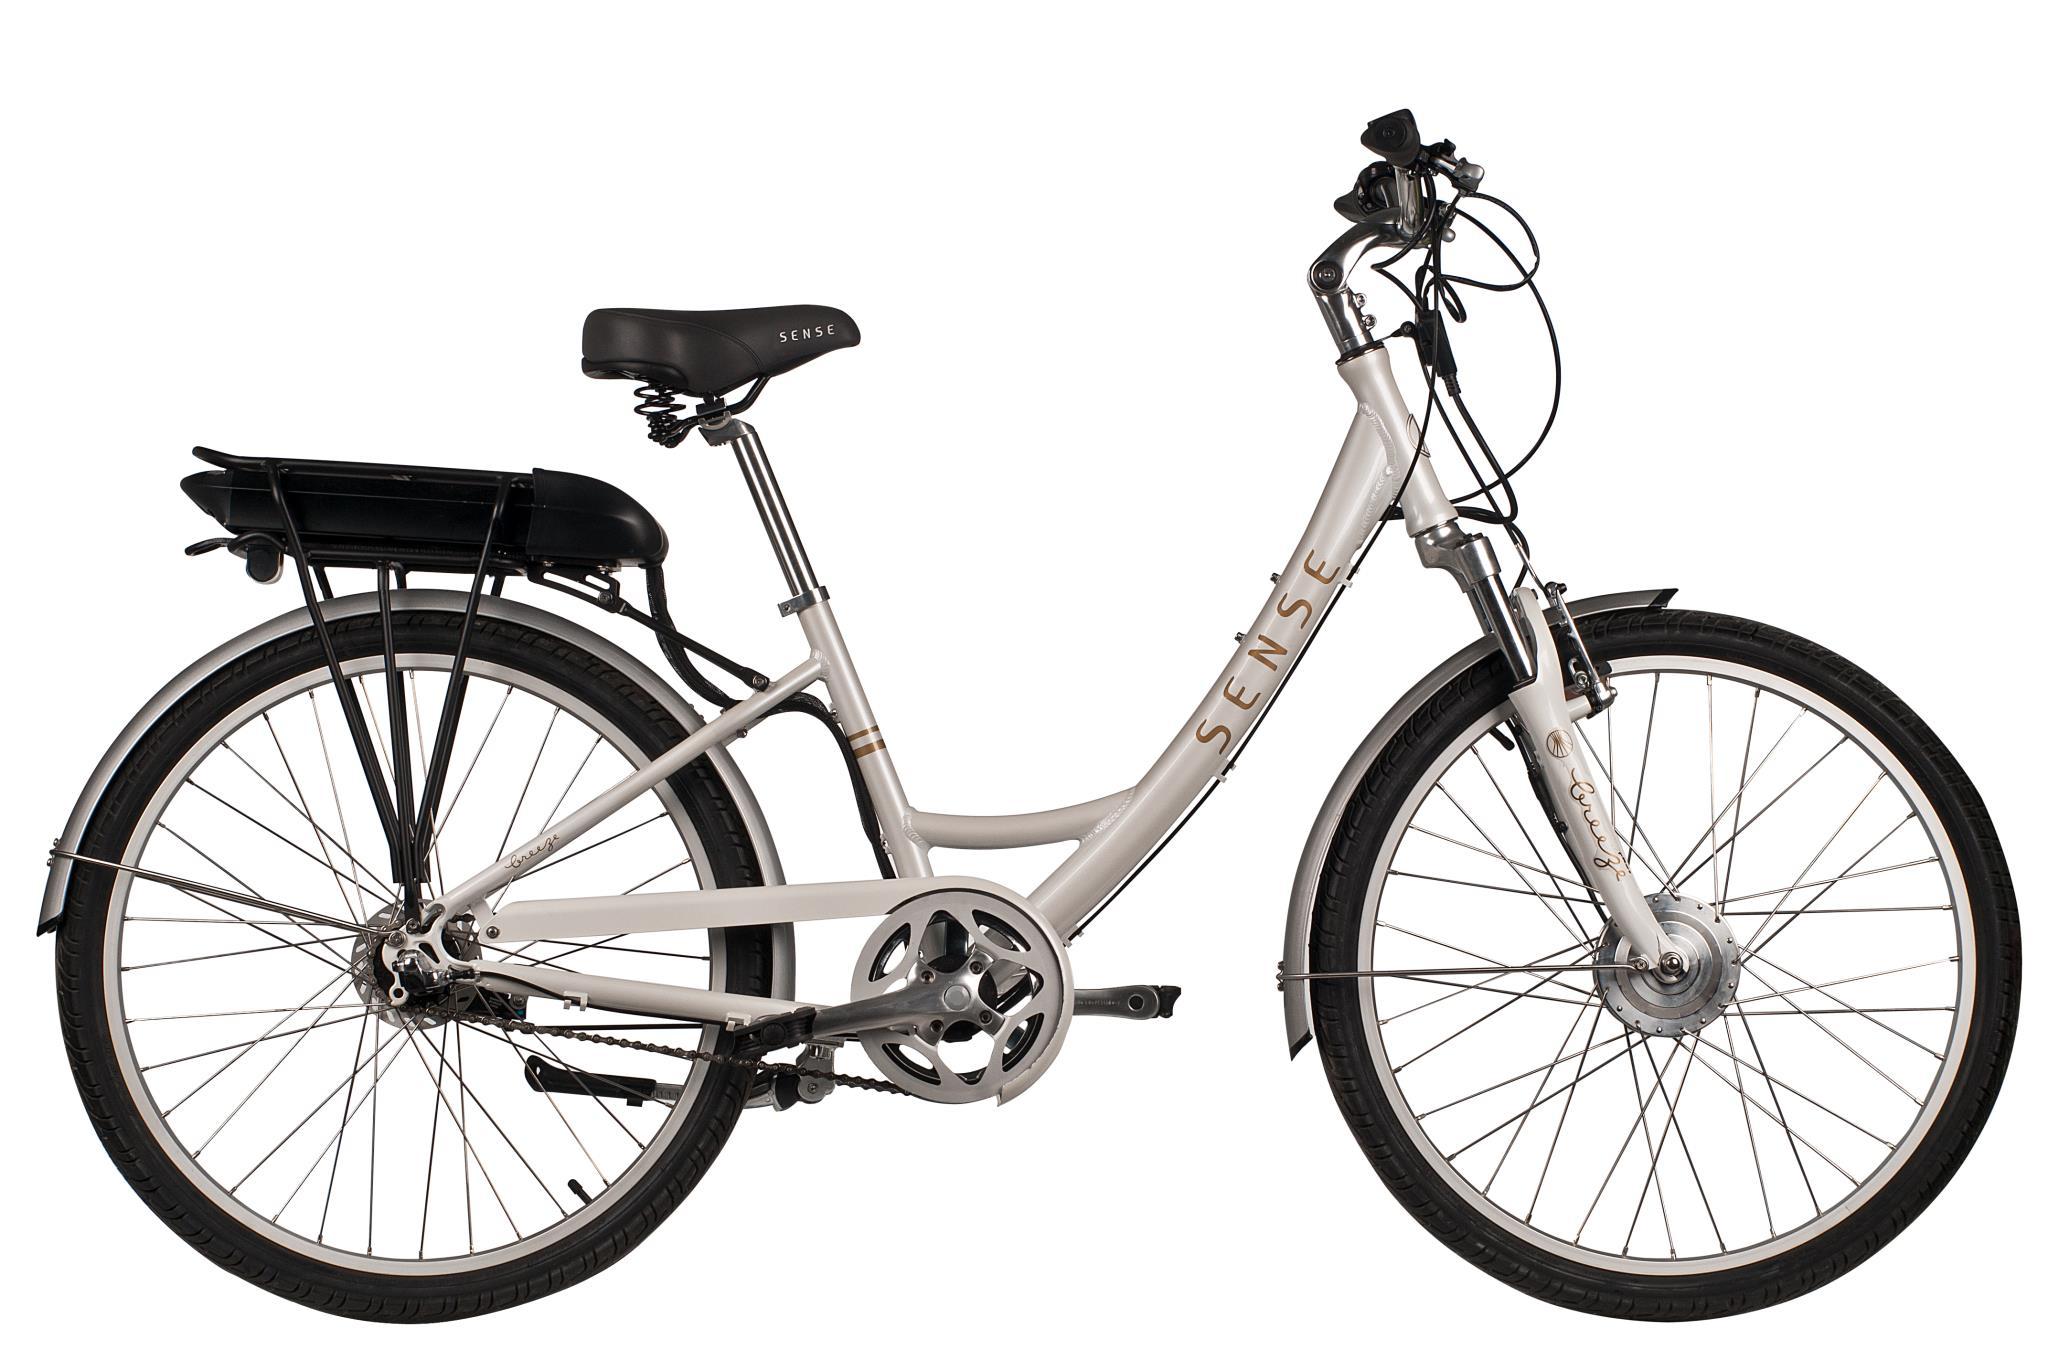 Ni Bicicleta Ni Bicicleto: Bike Ribeirão Preto: Sobre Bicicletas Elétricas